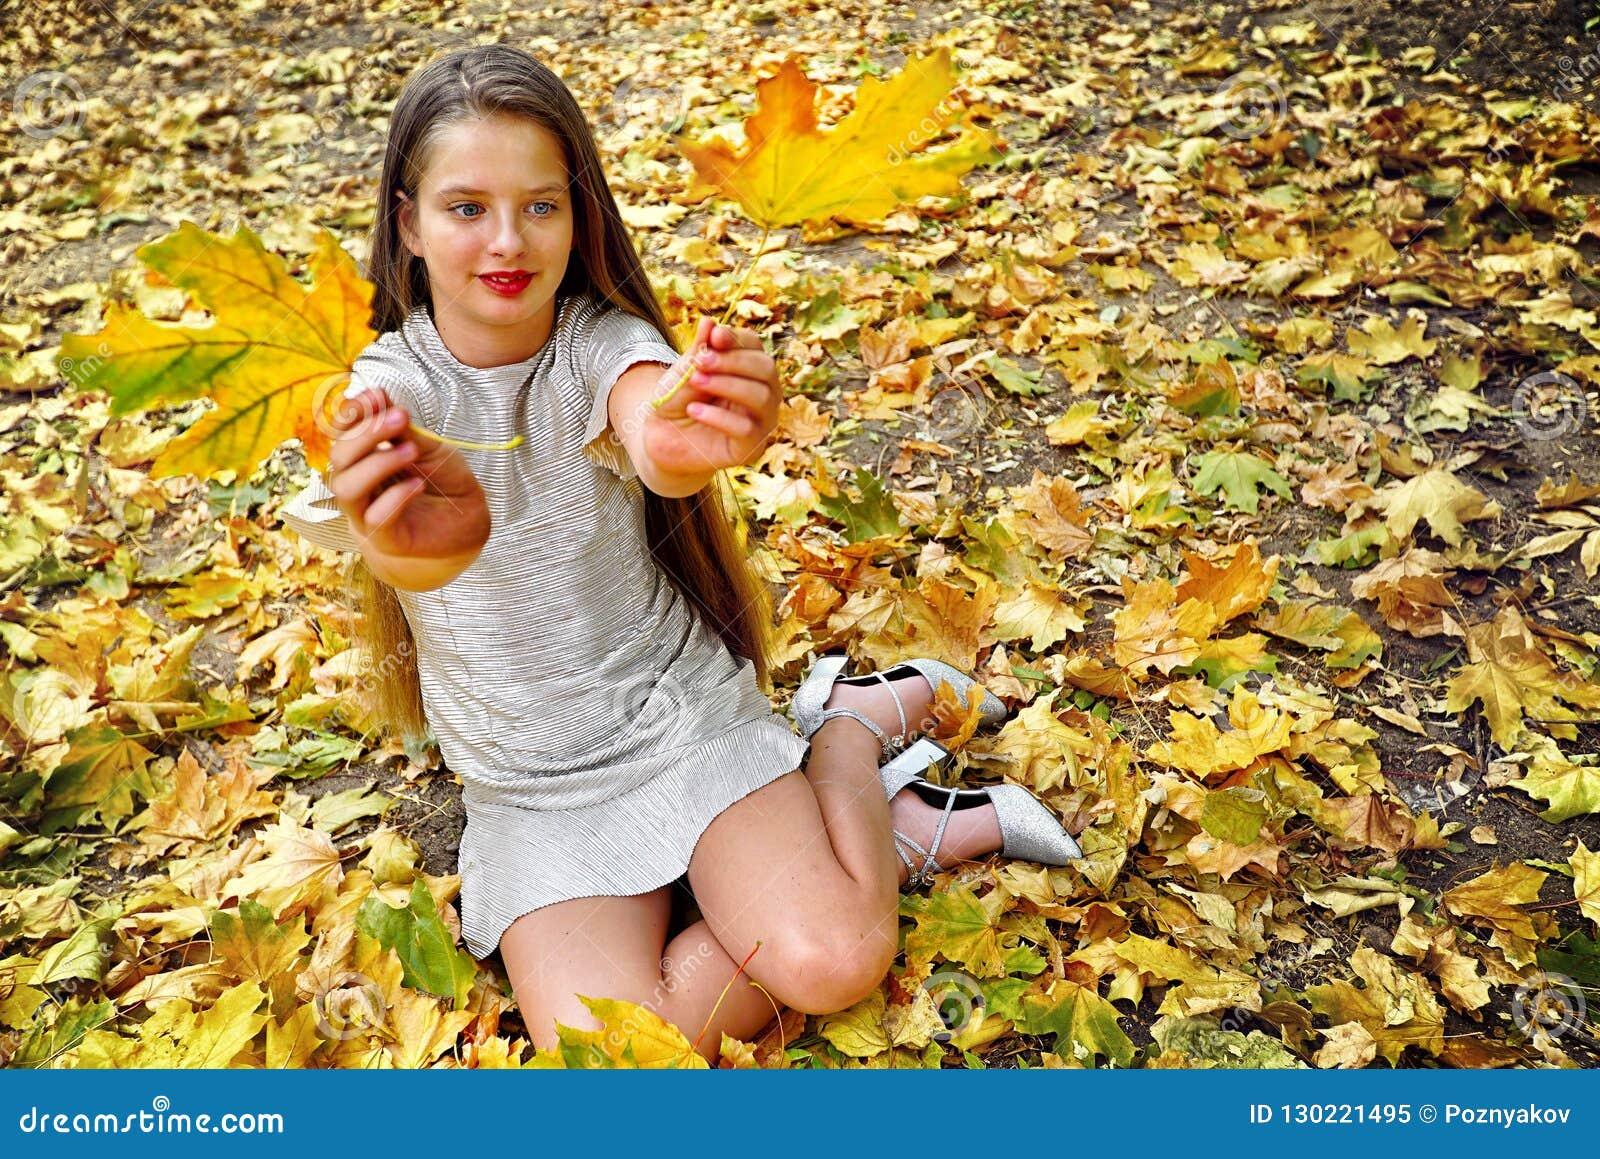 秋天时尚礼服儿童女孩坐的秋天离开公园室外